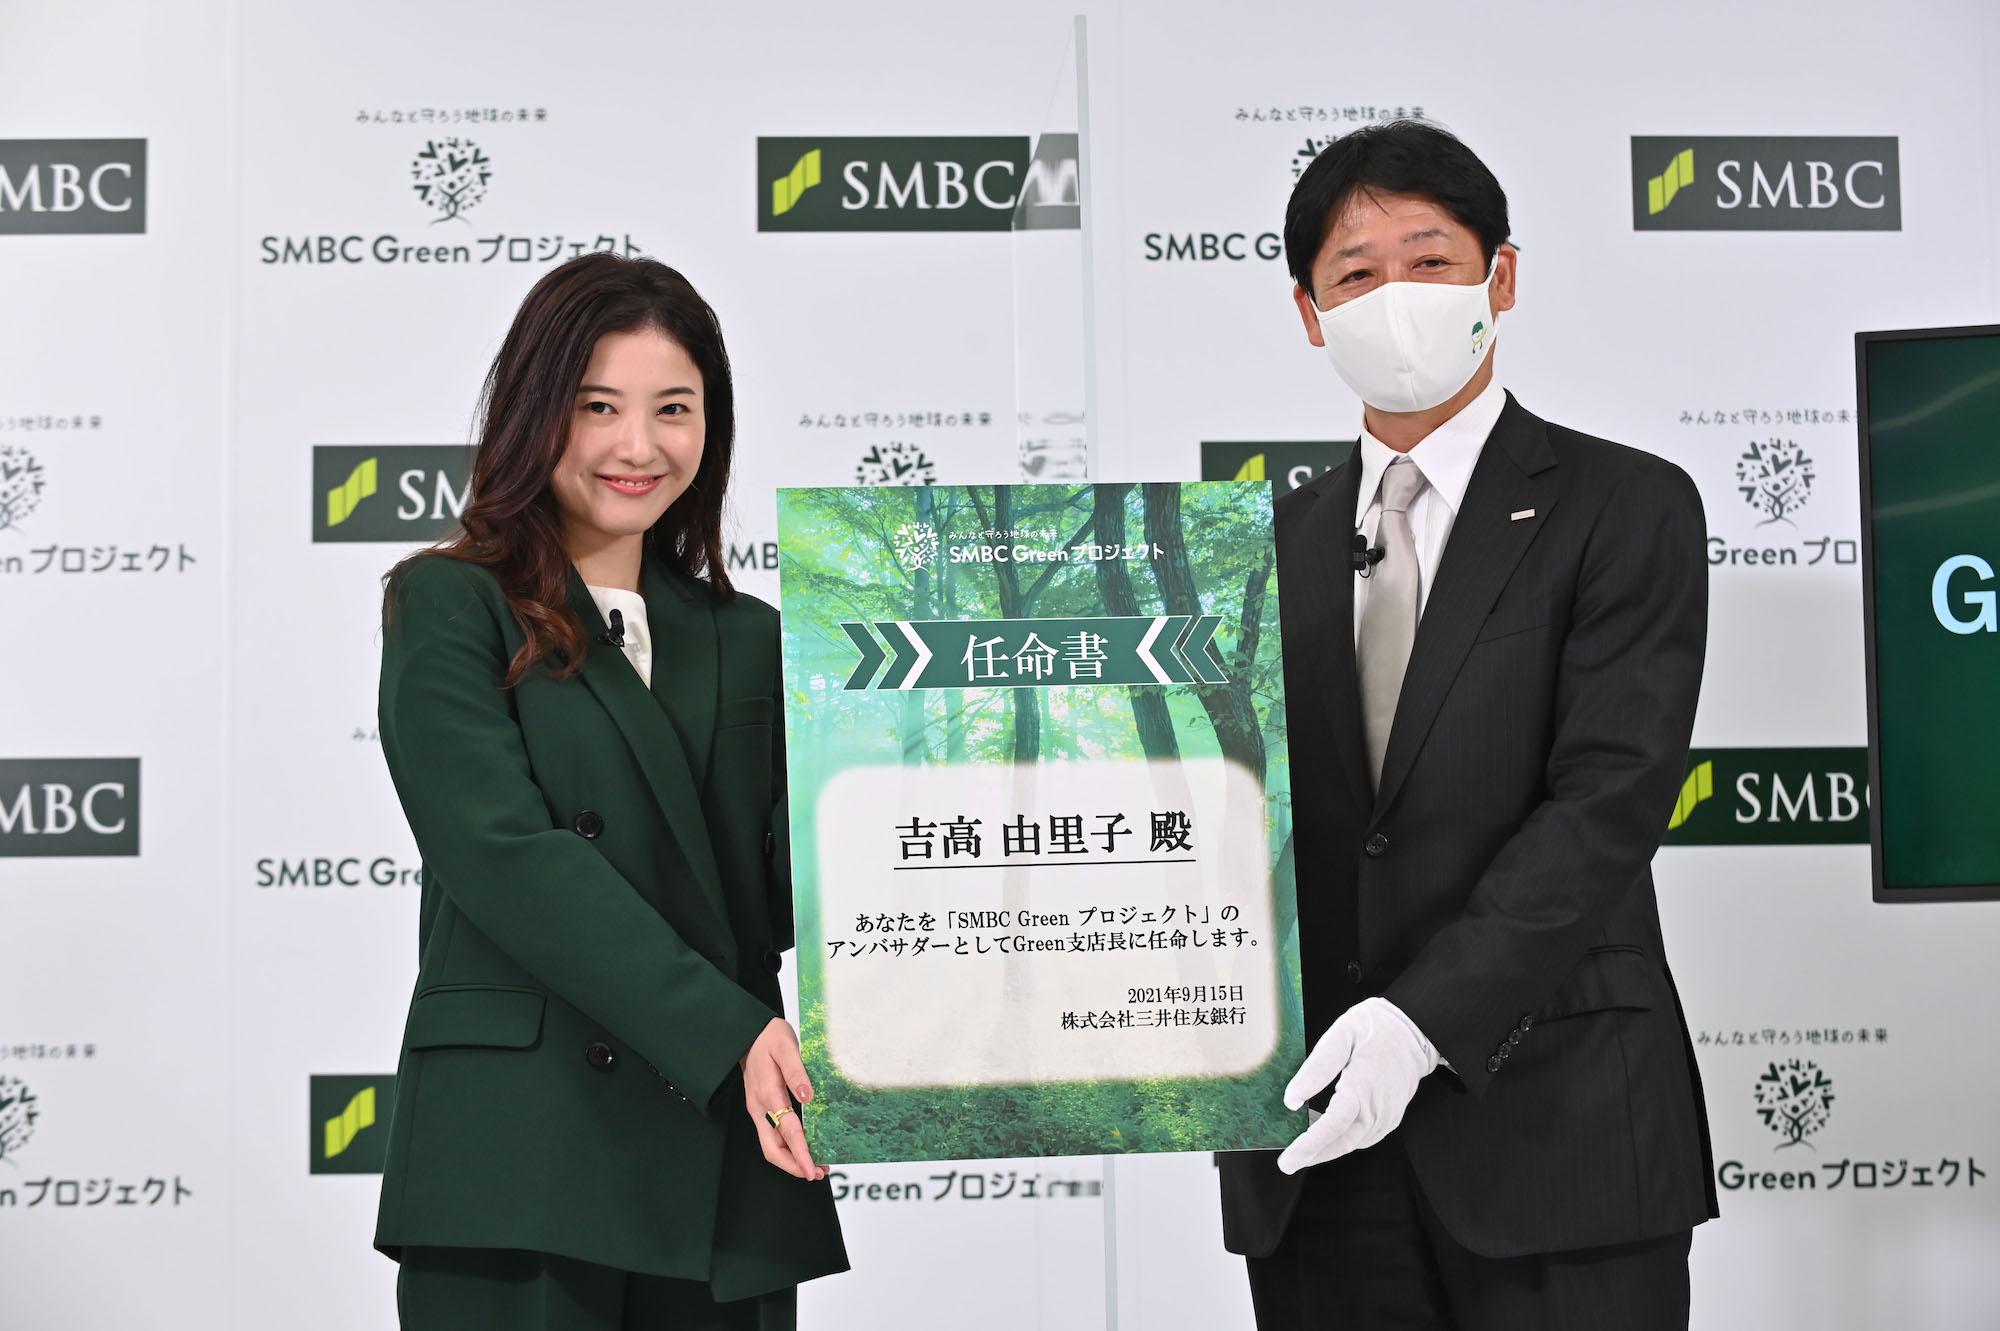 吉高由里子 & 山下剛史専務執行役員/三井住友銀行(SMBC)の「SMBC Green プロジェクト」発表会